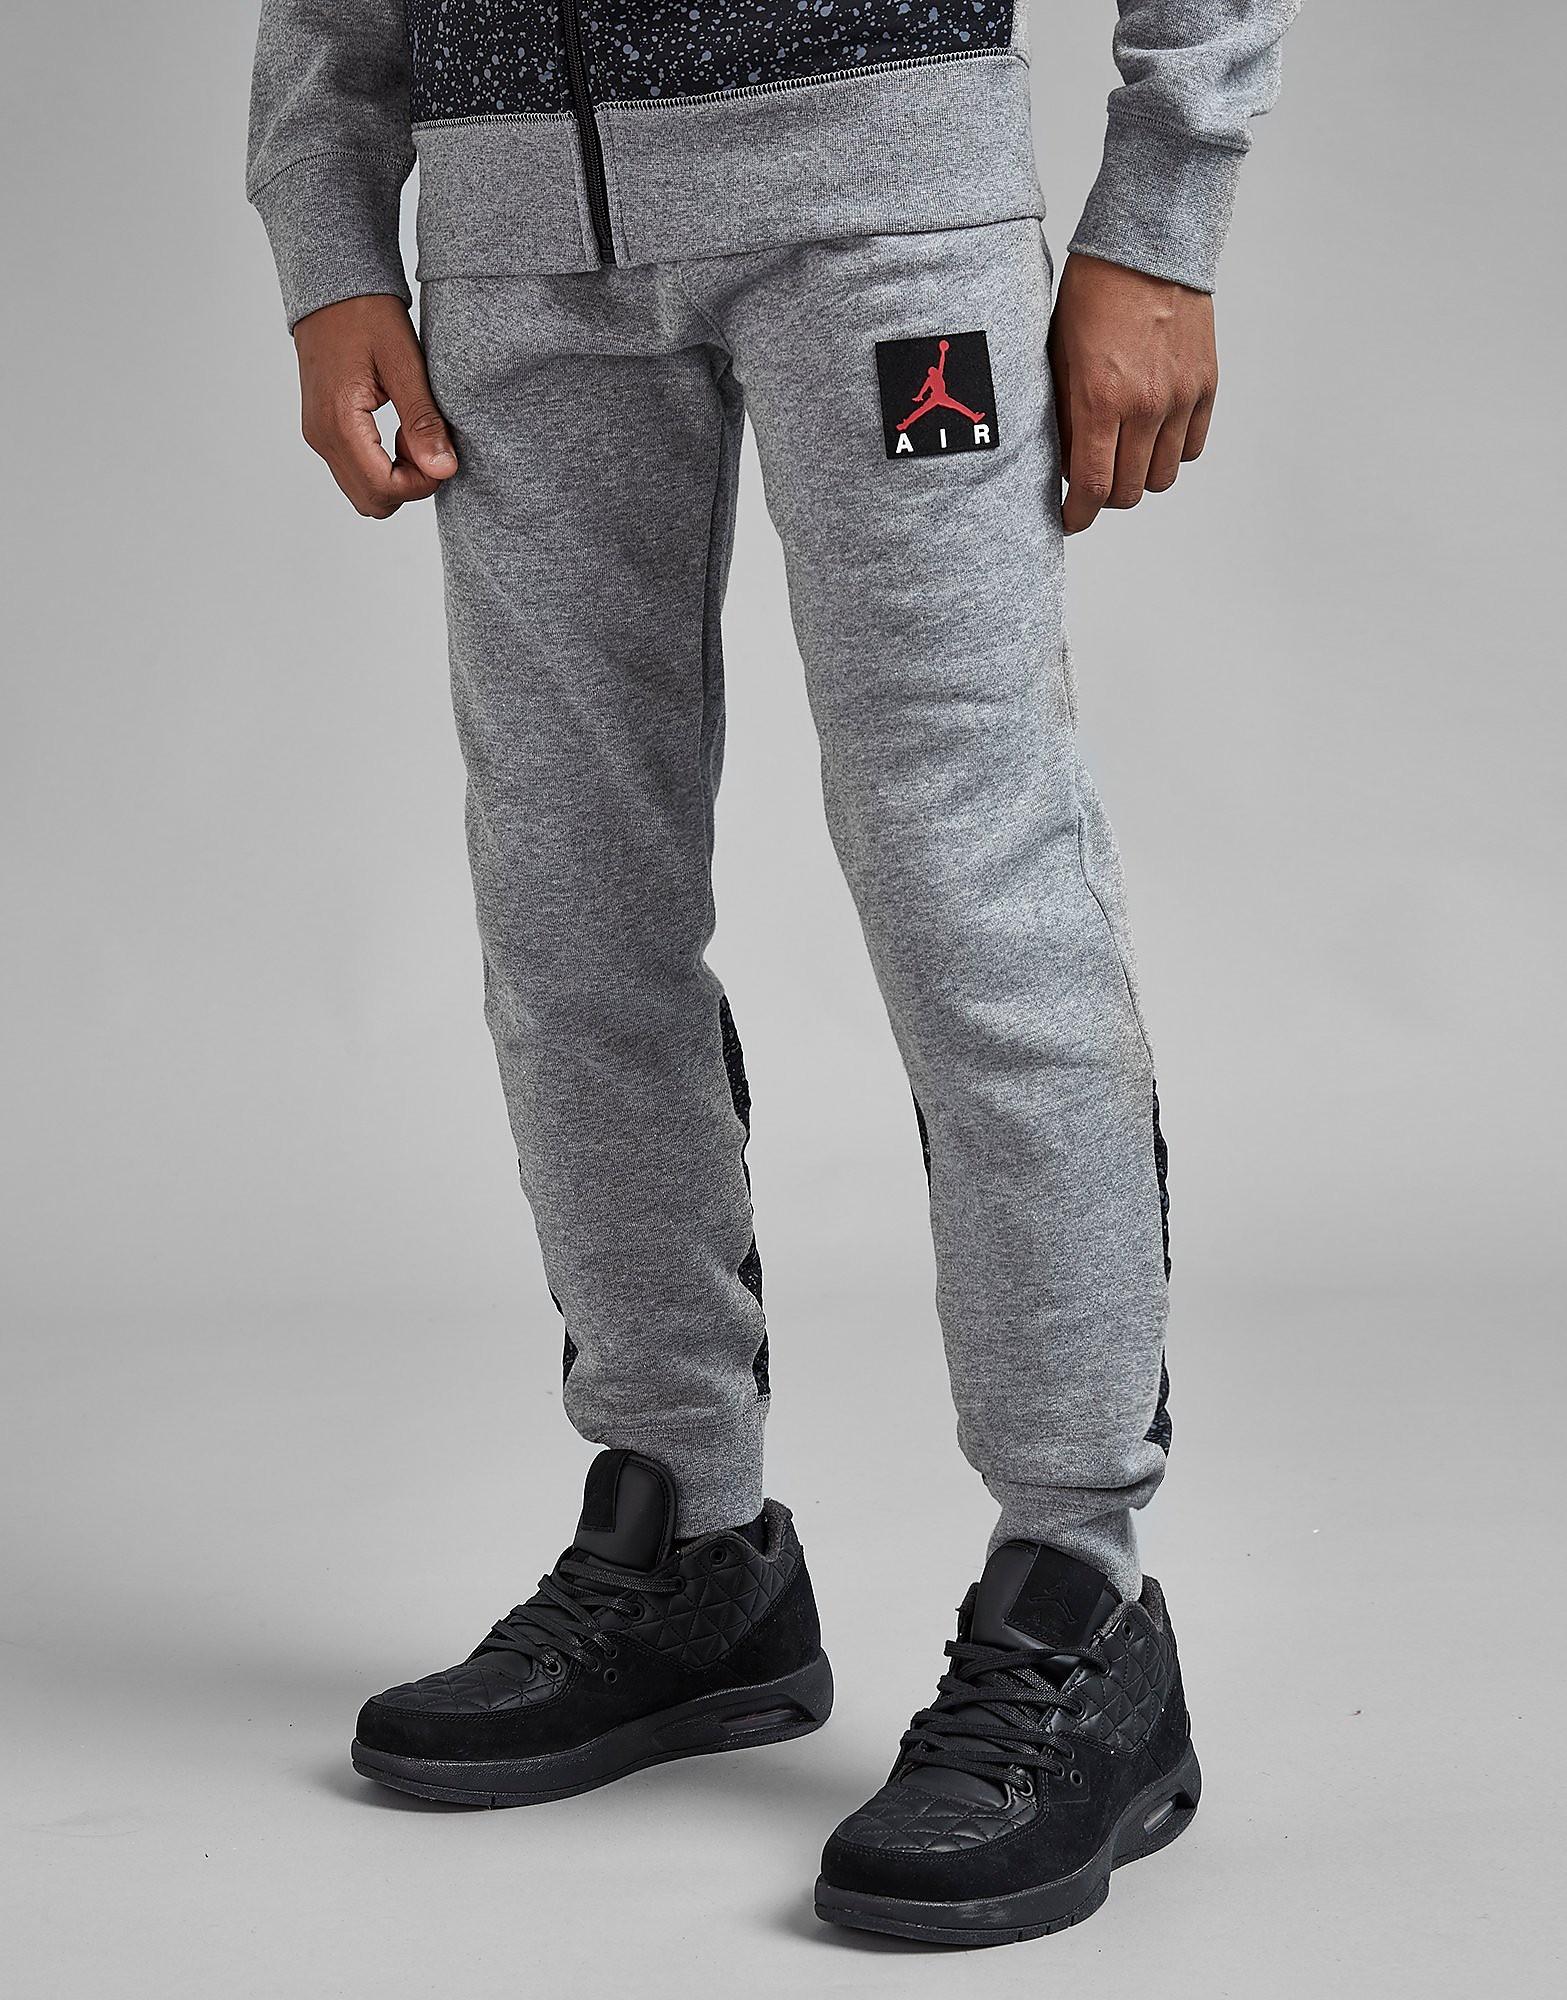 Jordan Cement Pants Junior - Carbon/Black, Carbon/Black